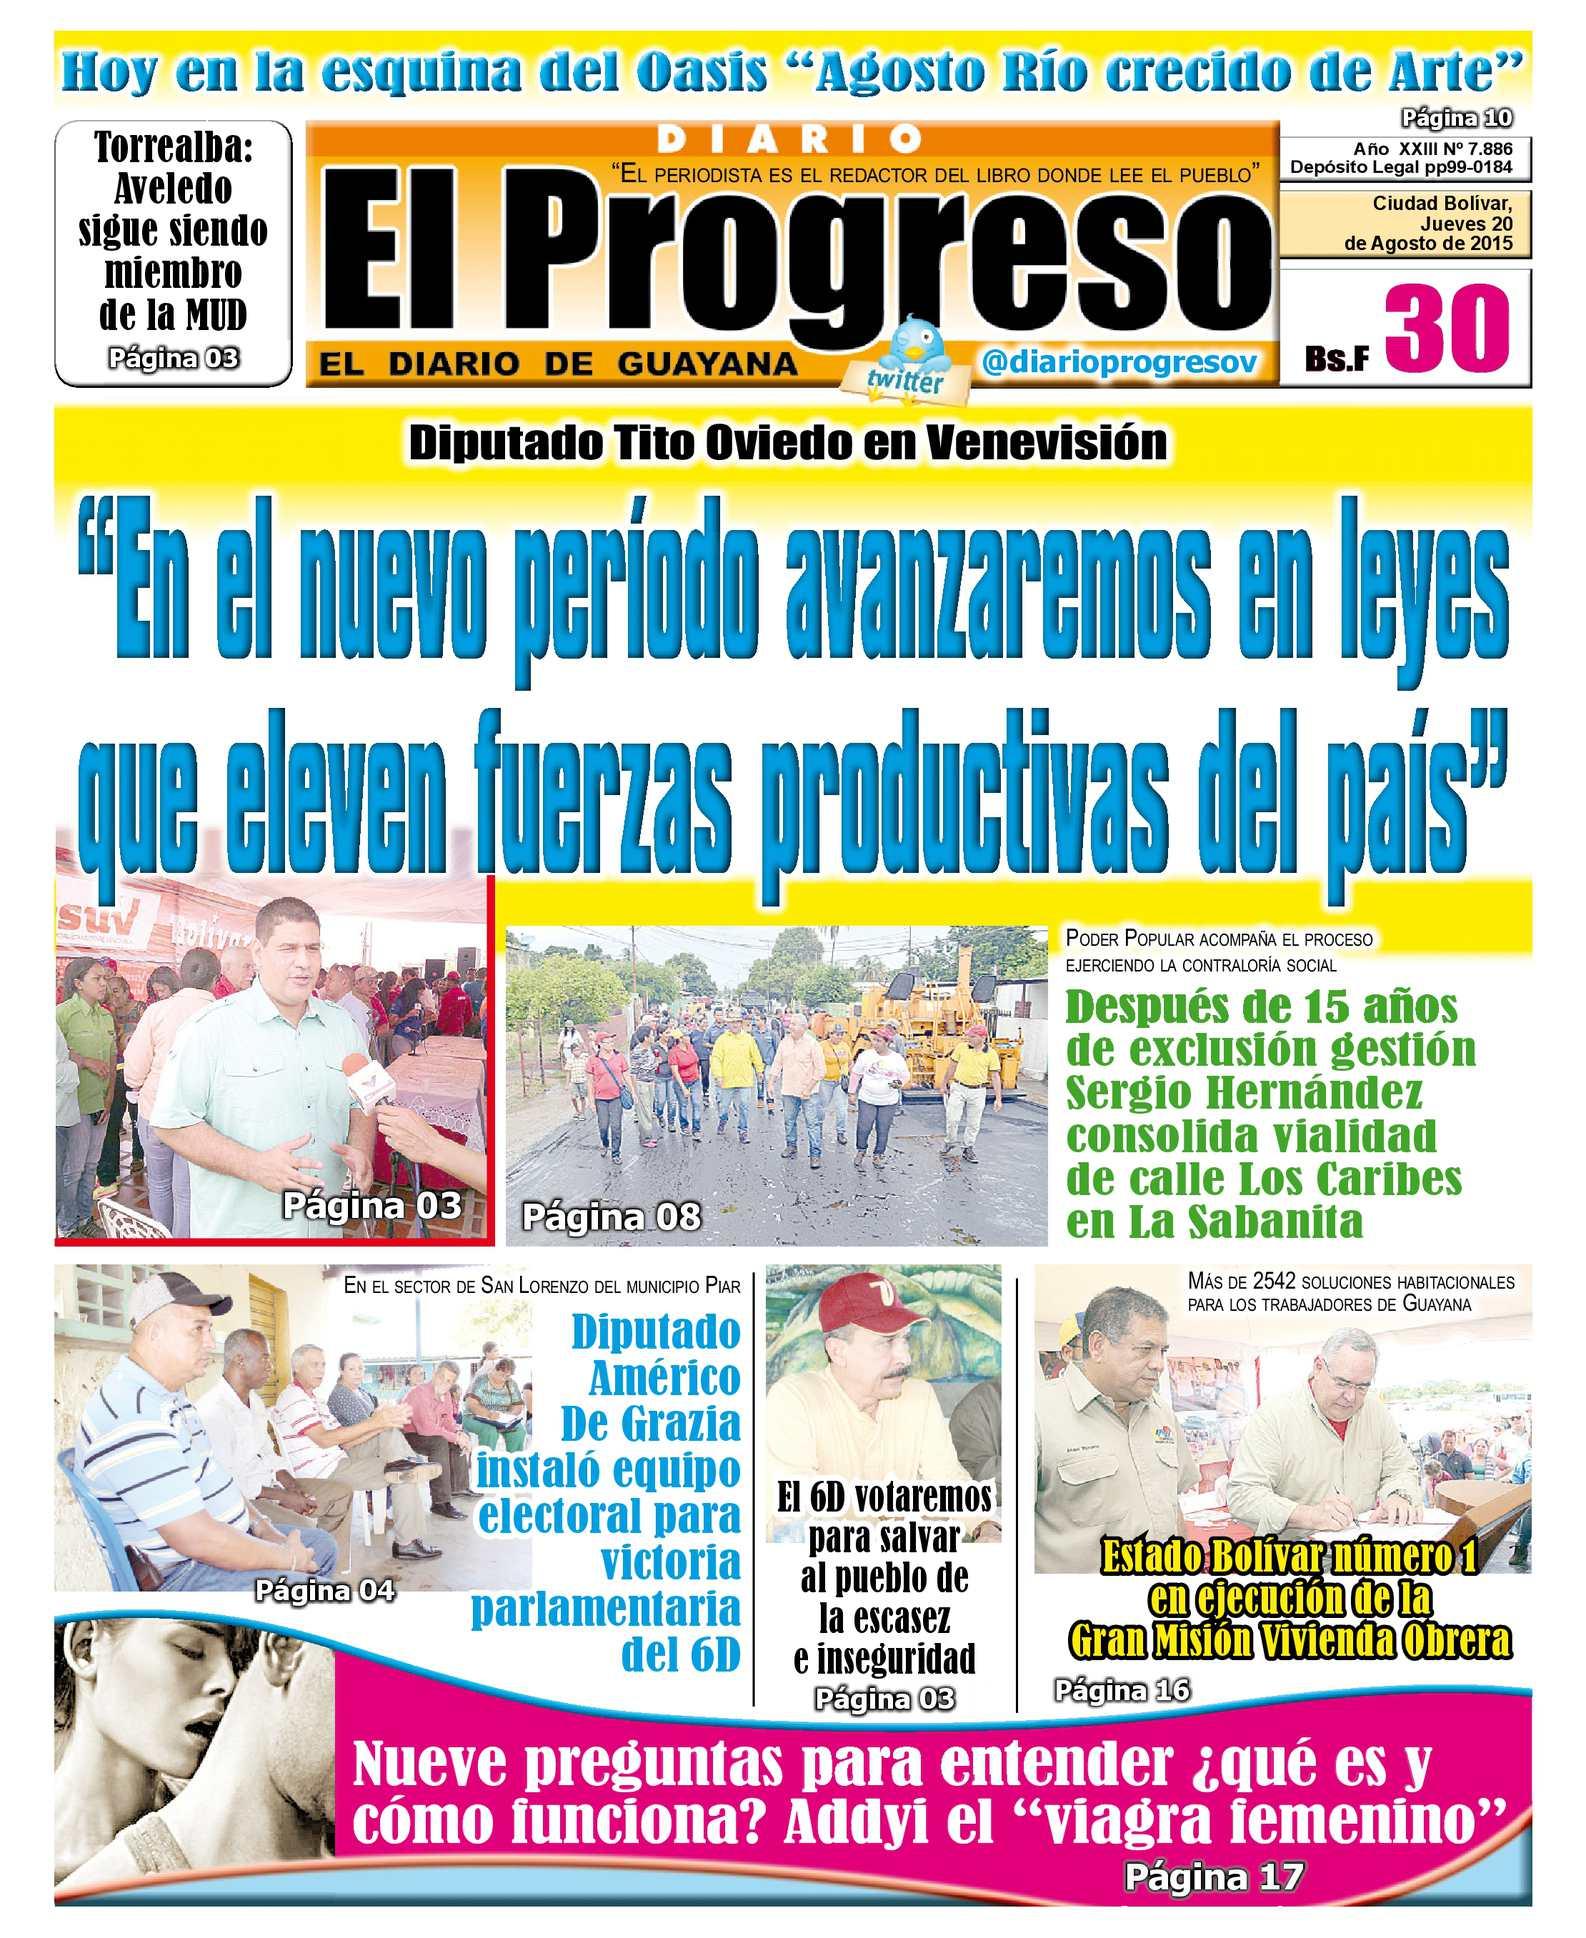 Calaméo - DiarioelprogresoEDICIÓNDIGITAL 20-08-2015 4653fbbb66a